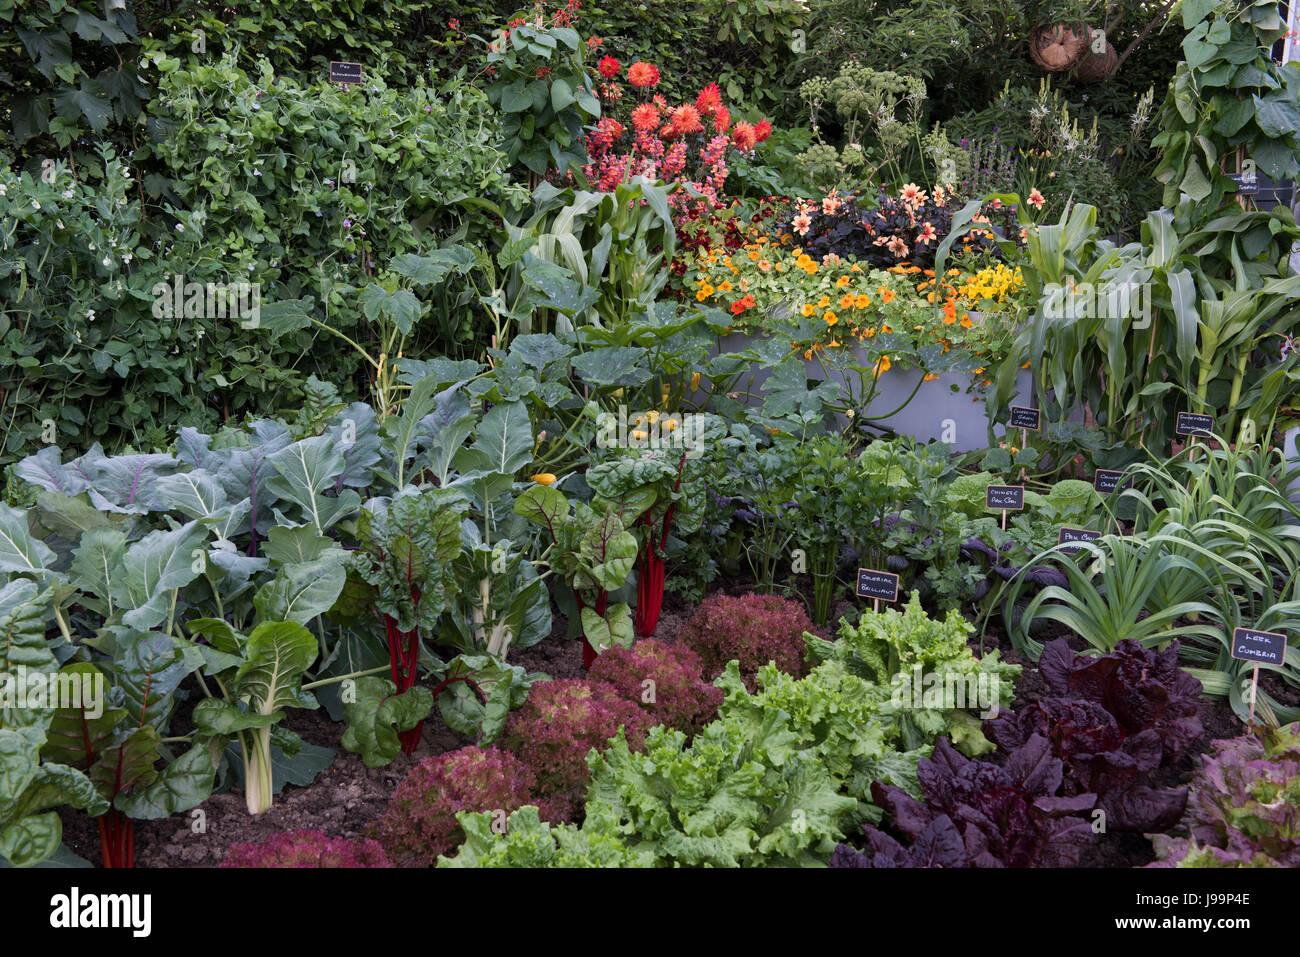 Beliebt Bevorzugt Essbare Pflanzen von Mangold, Karotten, Zwiebeln, Kohl und Pak @TO_06